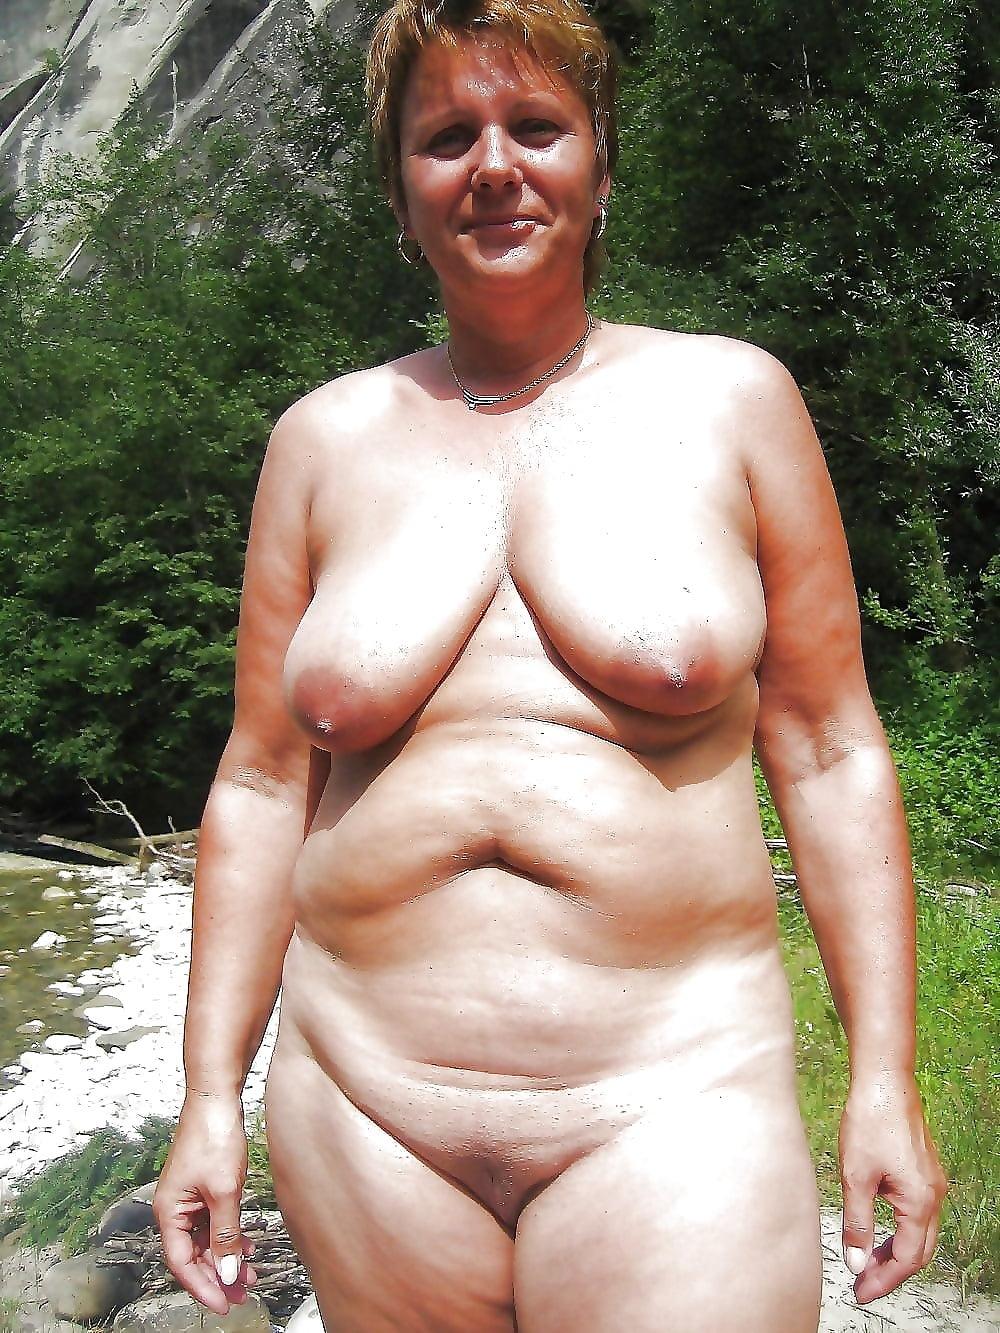 Фото голых старых старых баб, актриса оксана акиньшина голая